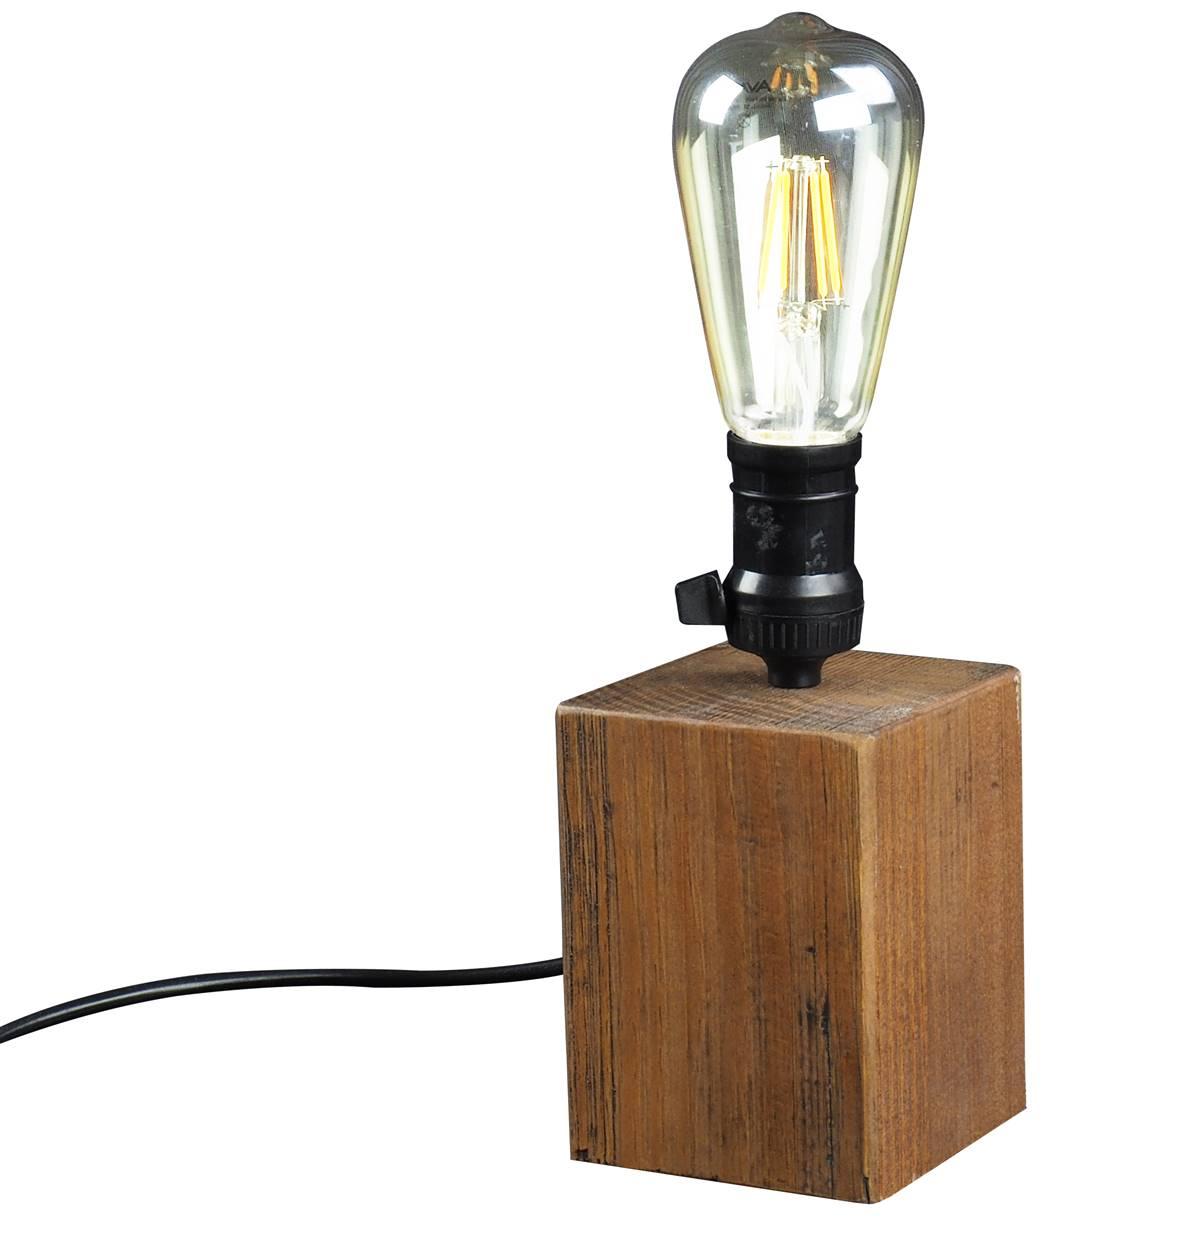 Luminaria de Mesa Lamp em Madeira cor Rustic Brown 18 cm (ALT) - 50870